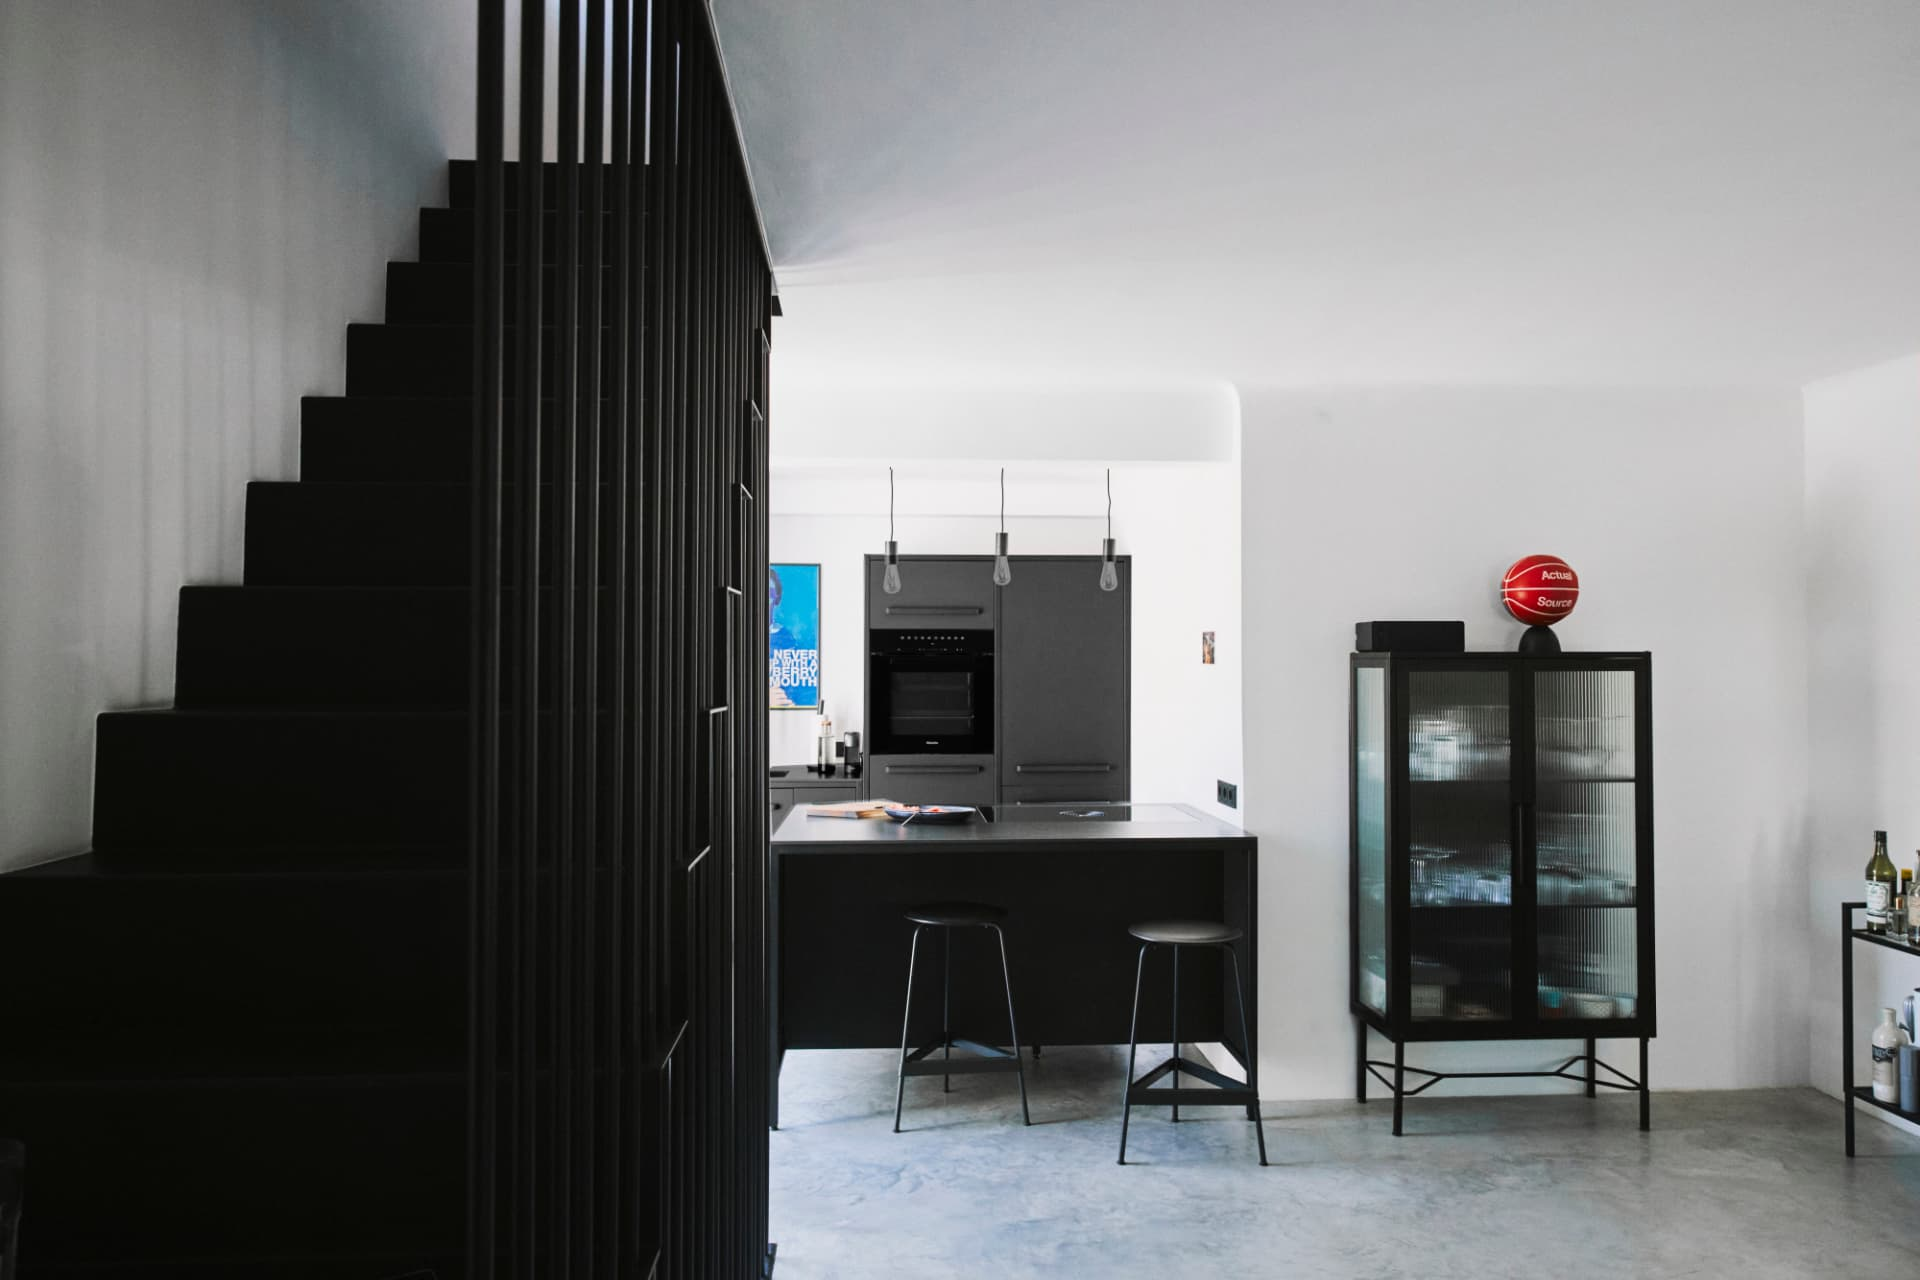 industrial-design-Küche-von-keep-in-schwarz-mit-freistehenden-stahlrahmen